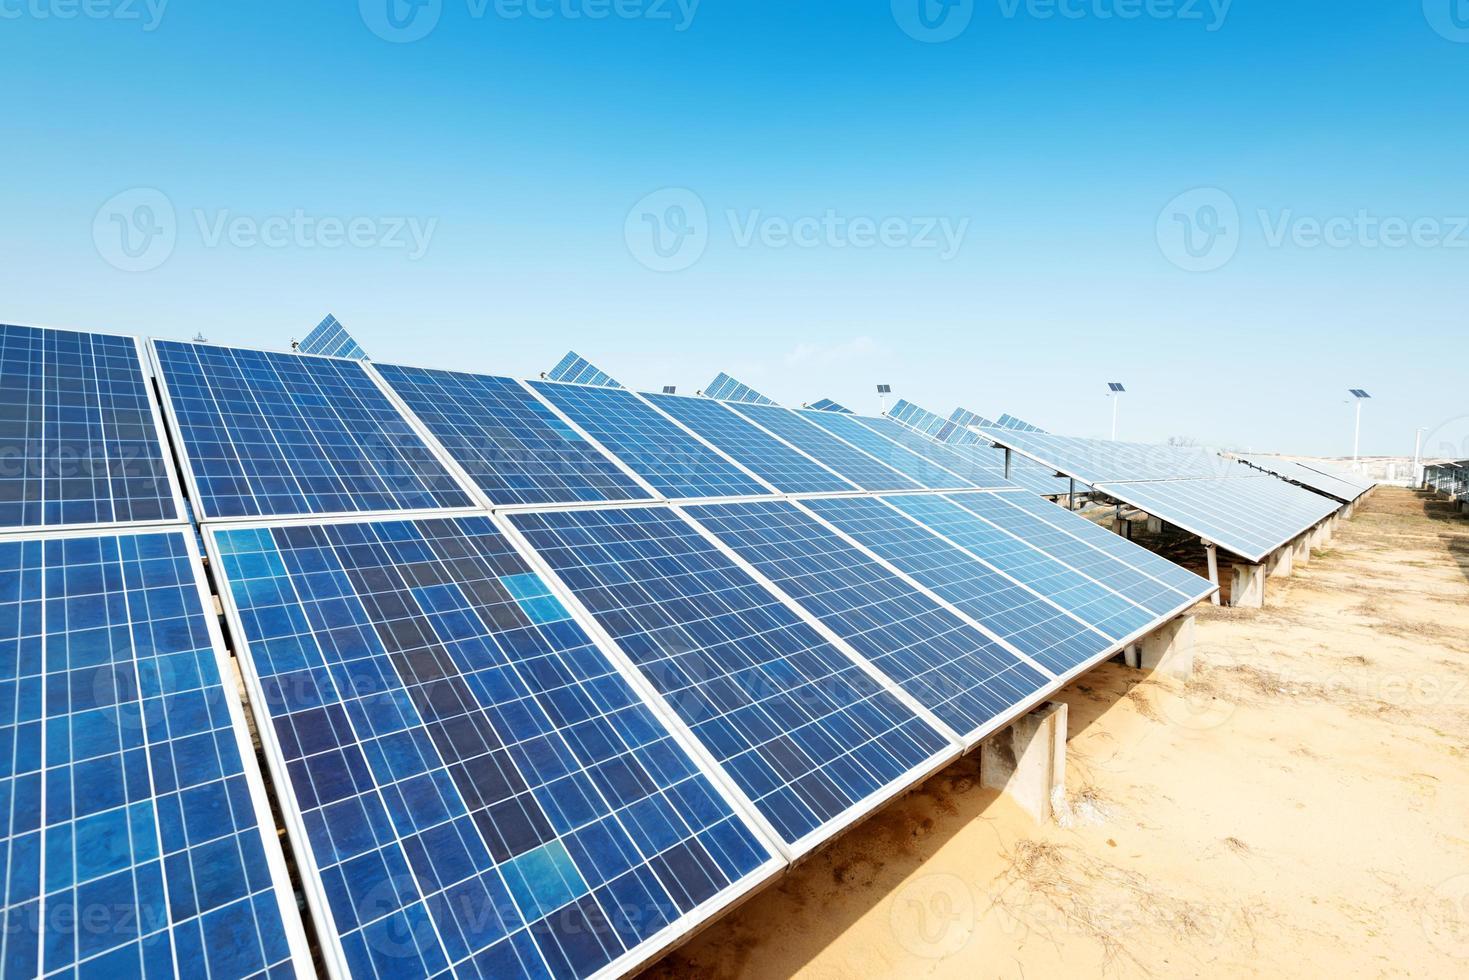 zonnepanelen tegen blauwe hemel foto